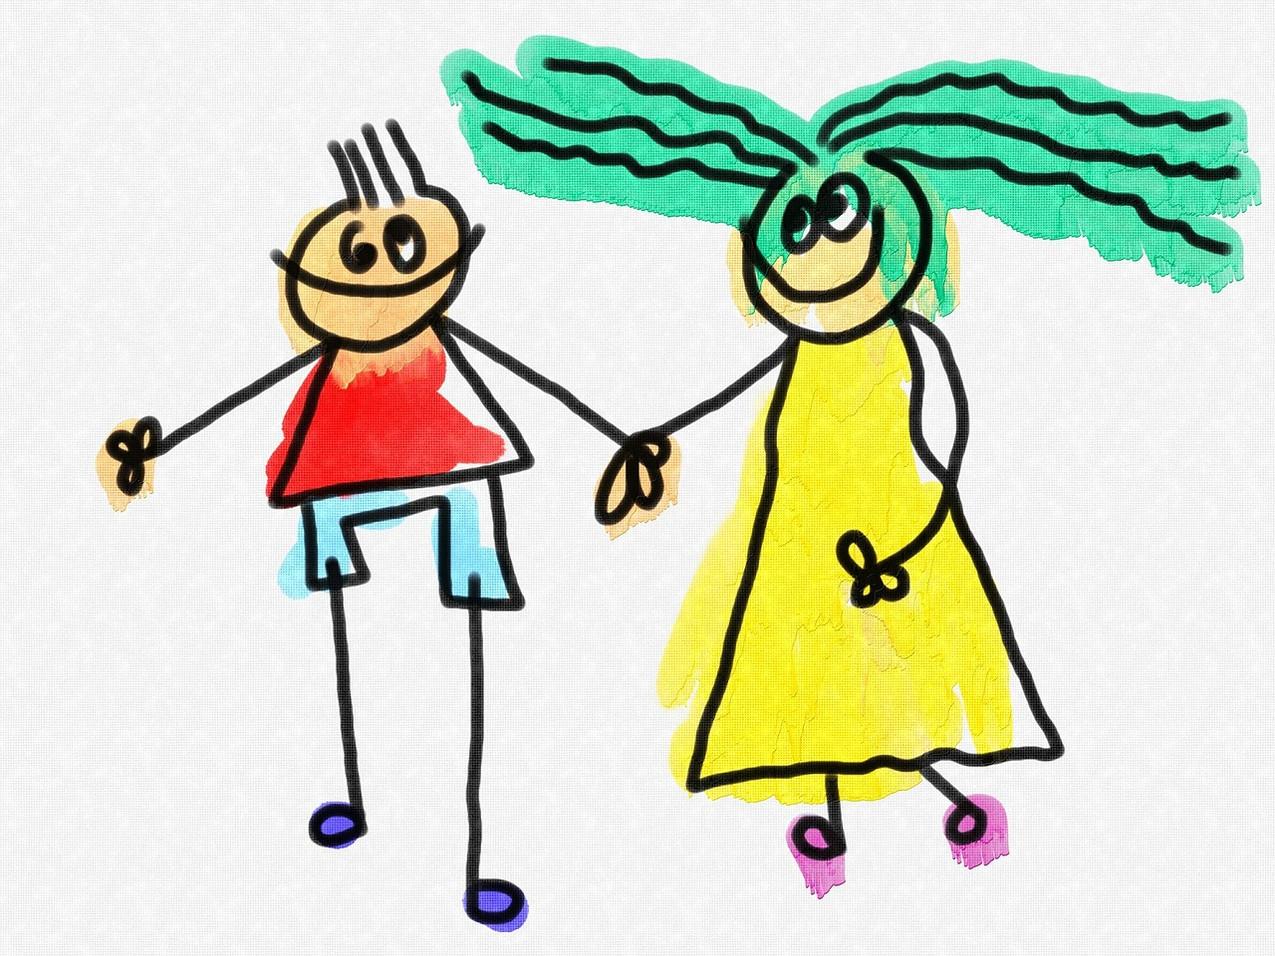 Pixabay-enfants en dessin-people-1316457